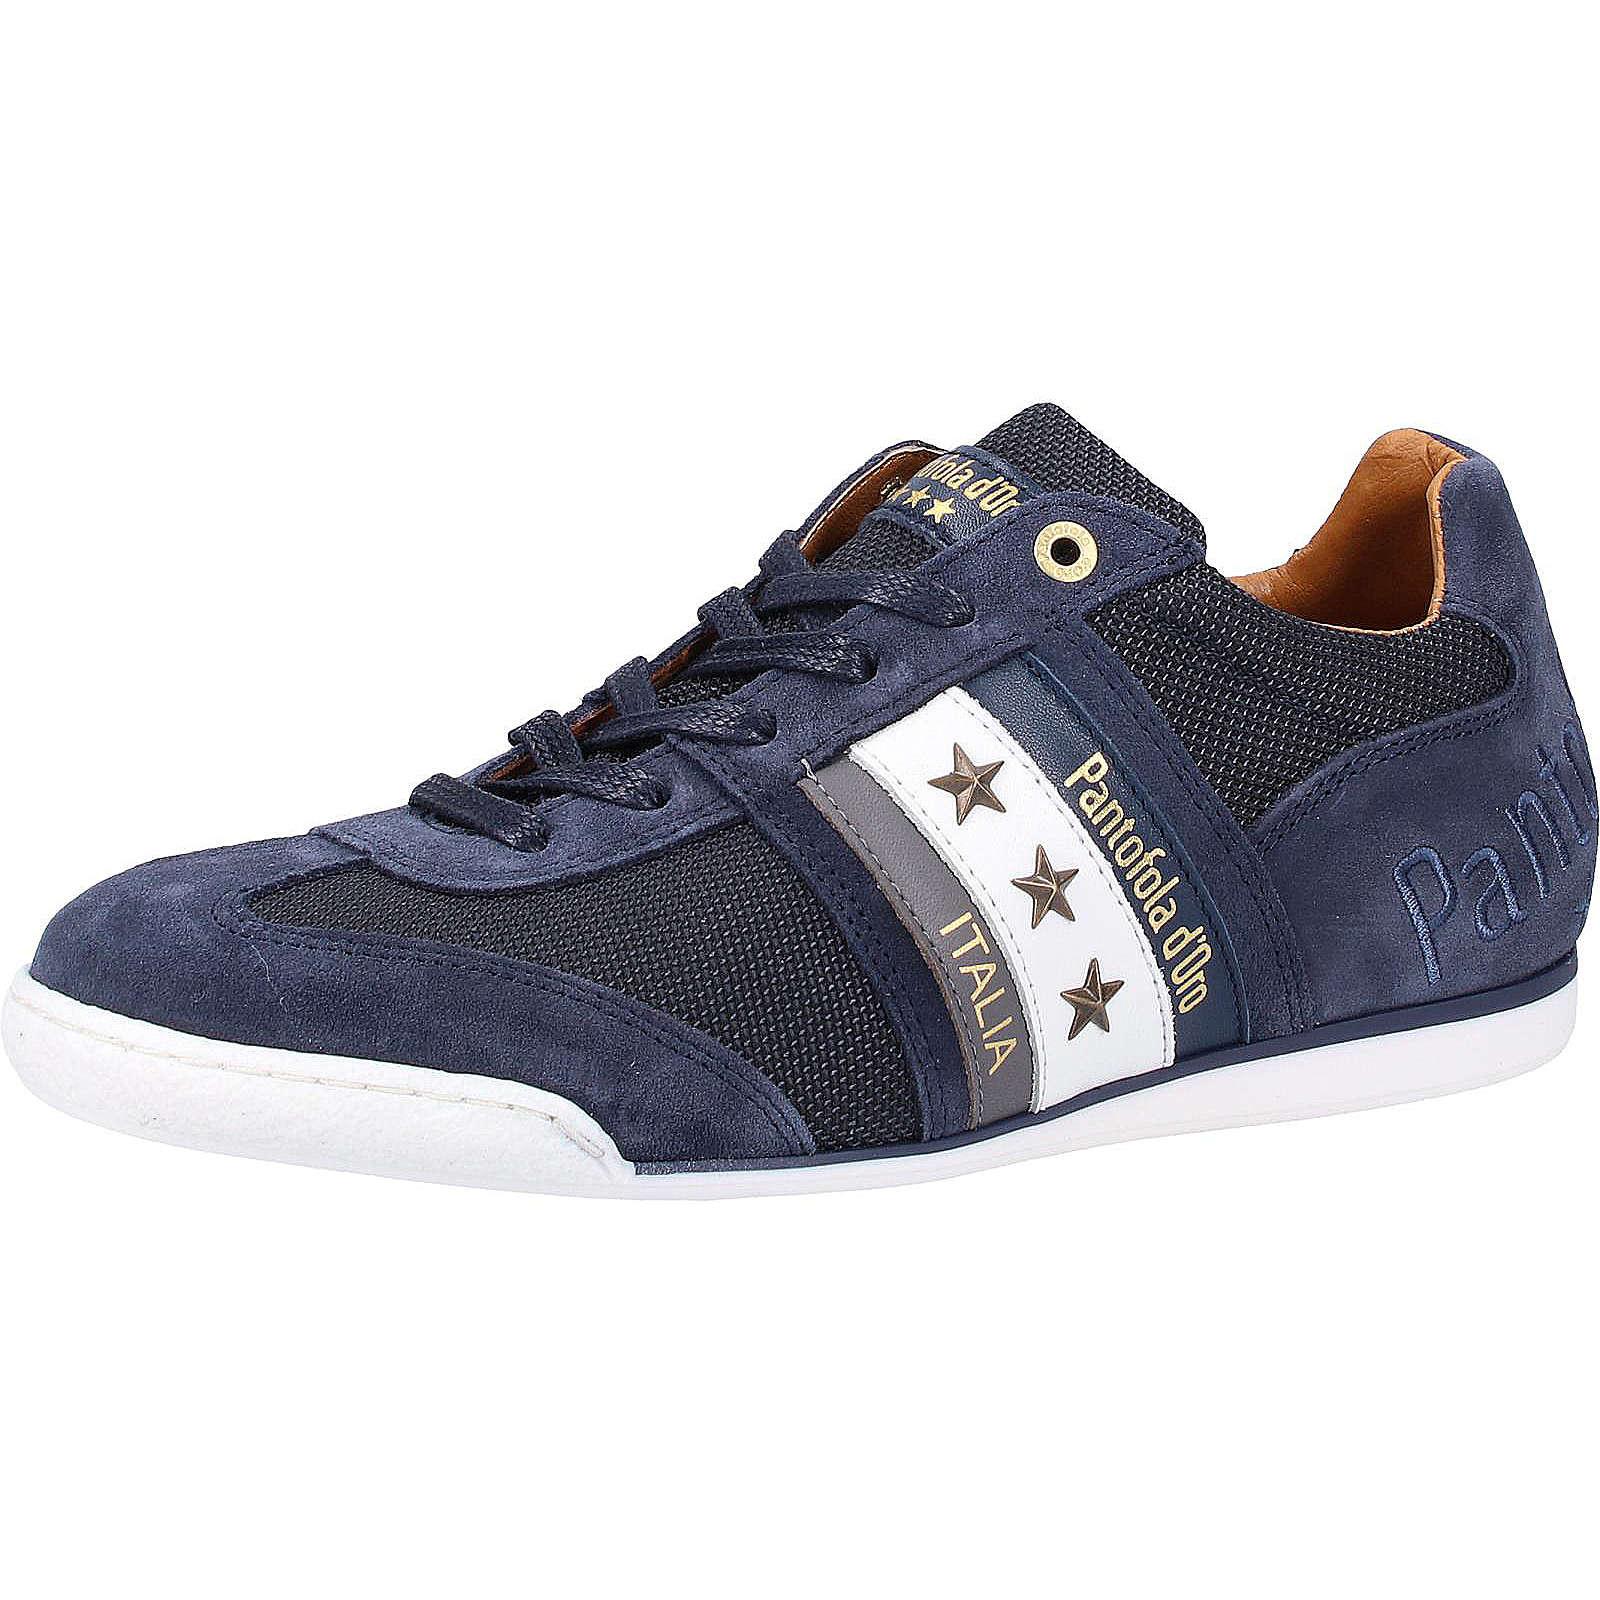 Pantofola d´Oro Sneaker Schnürschuhe dunkelblau Herren Gr. 42